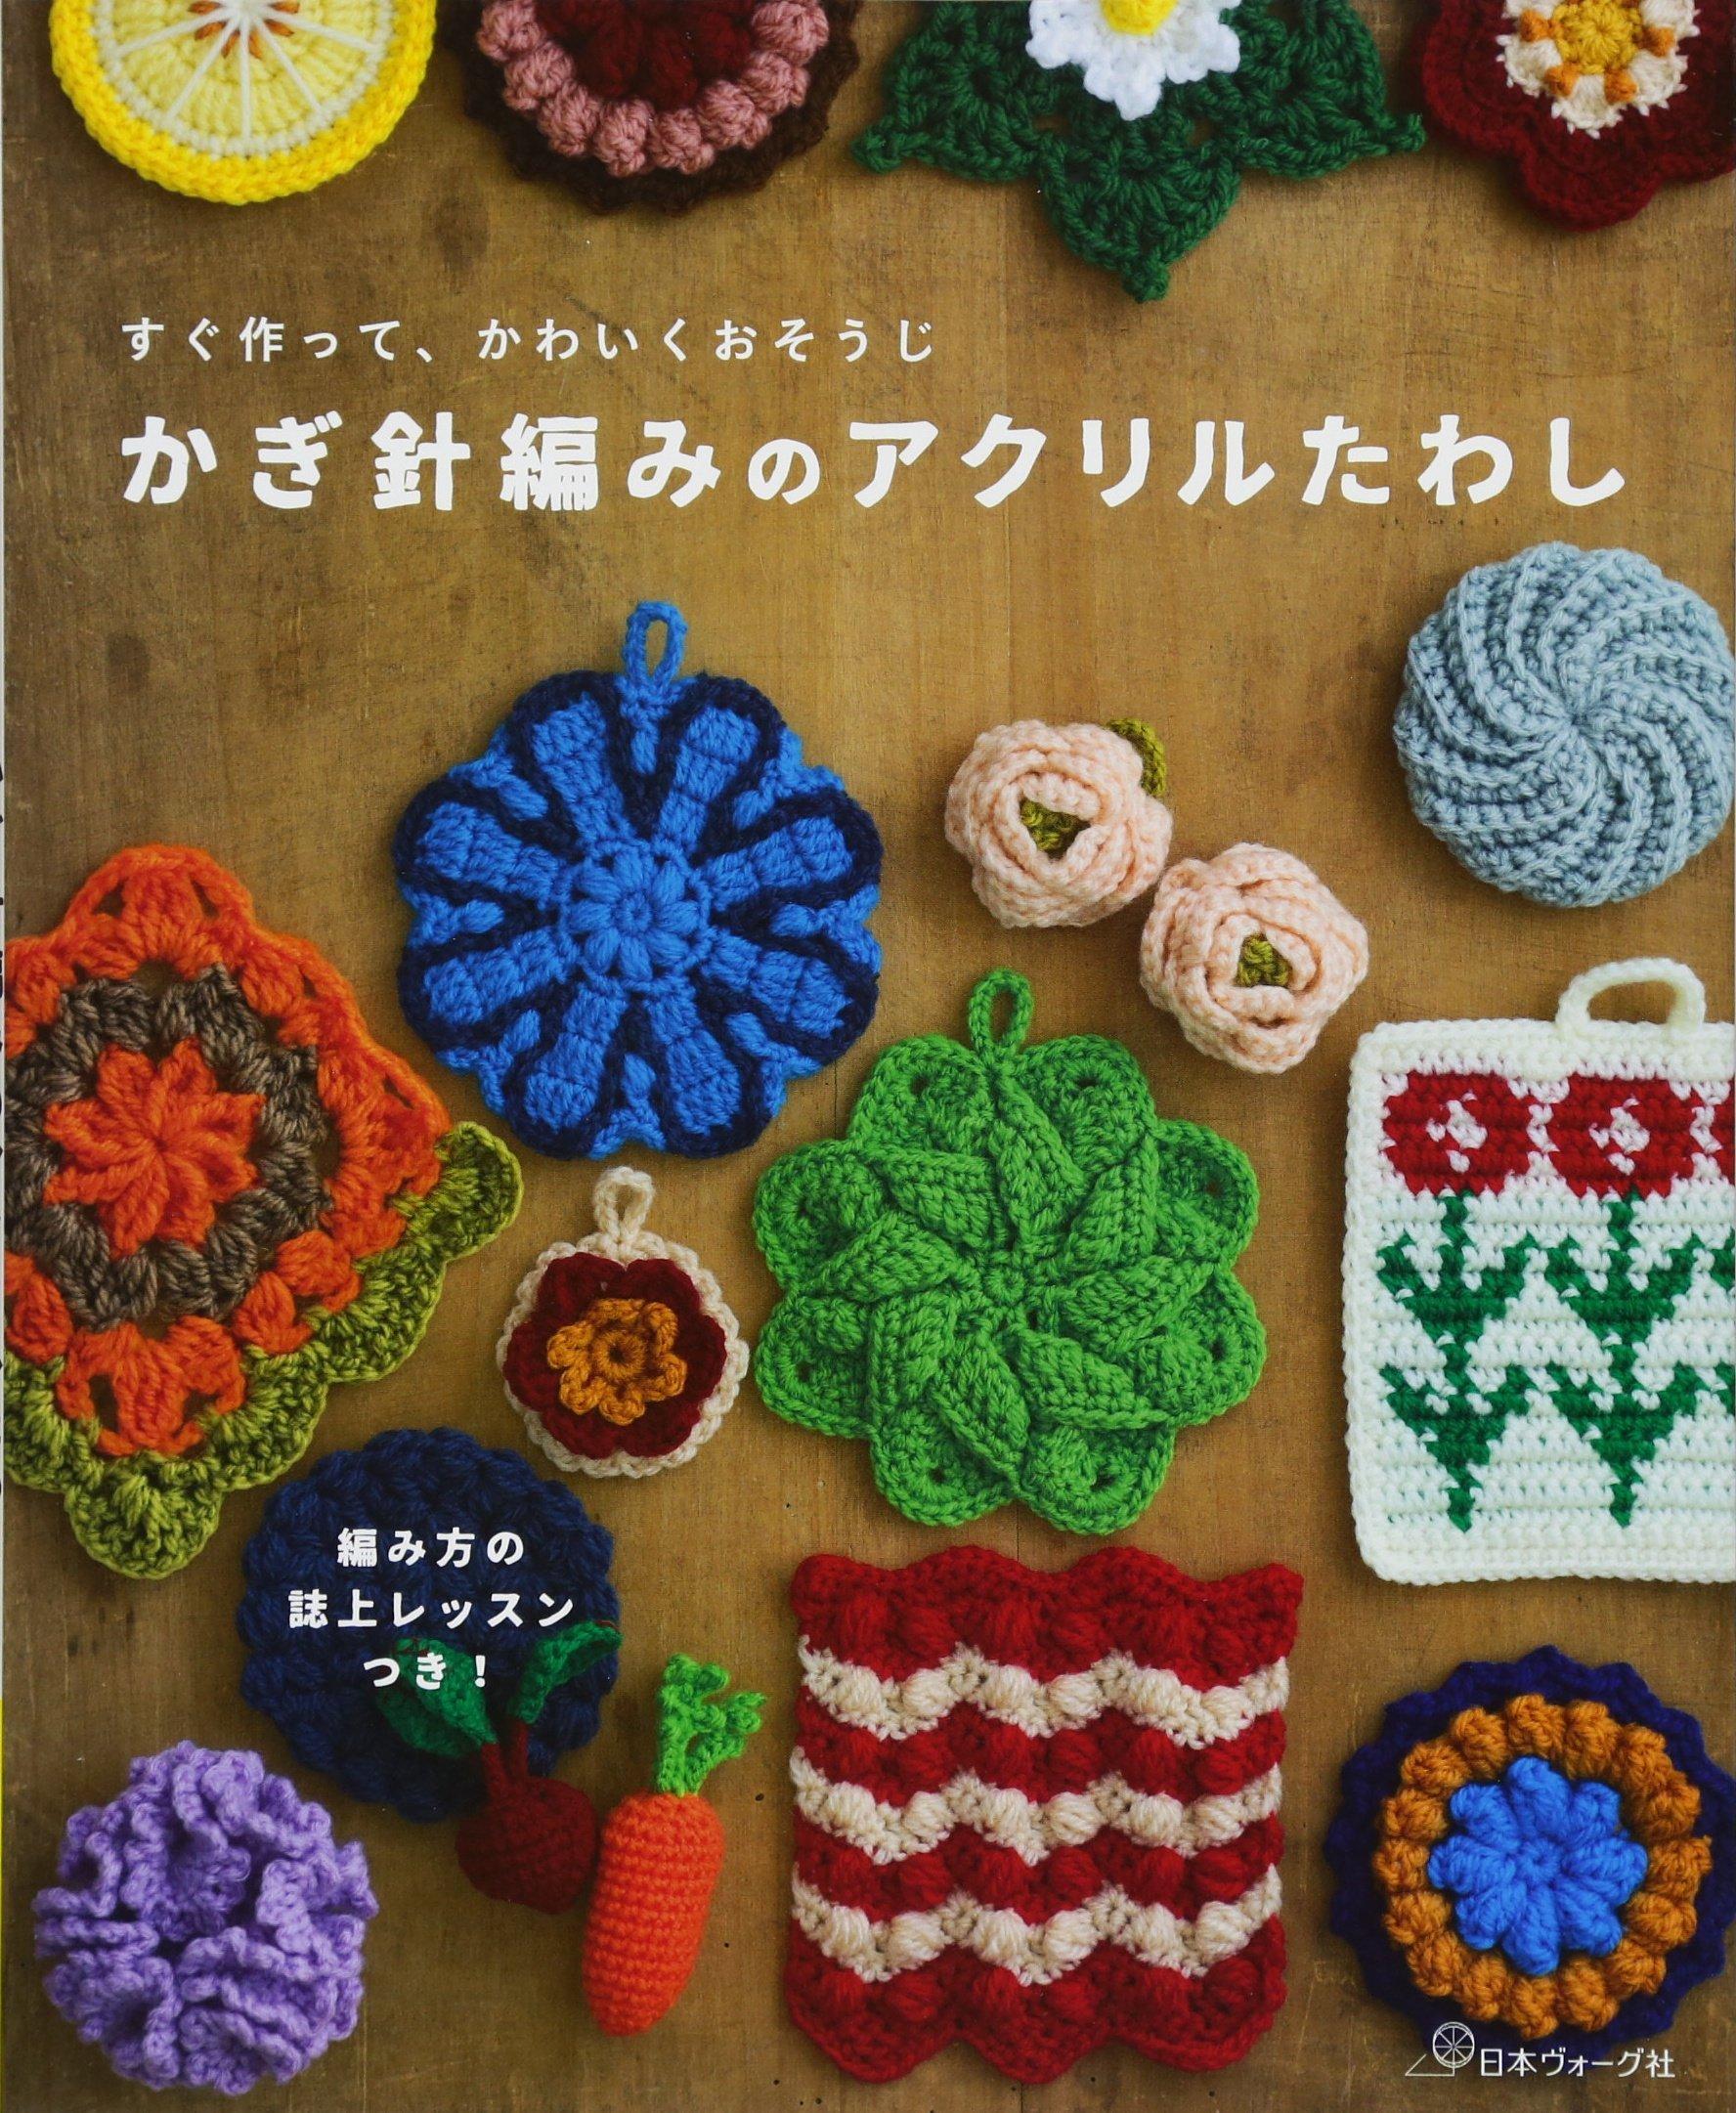 編み 図 アクリル たわし いちご